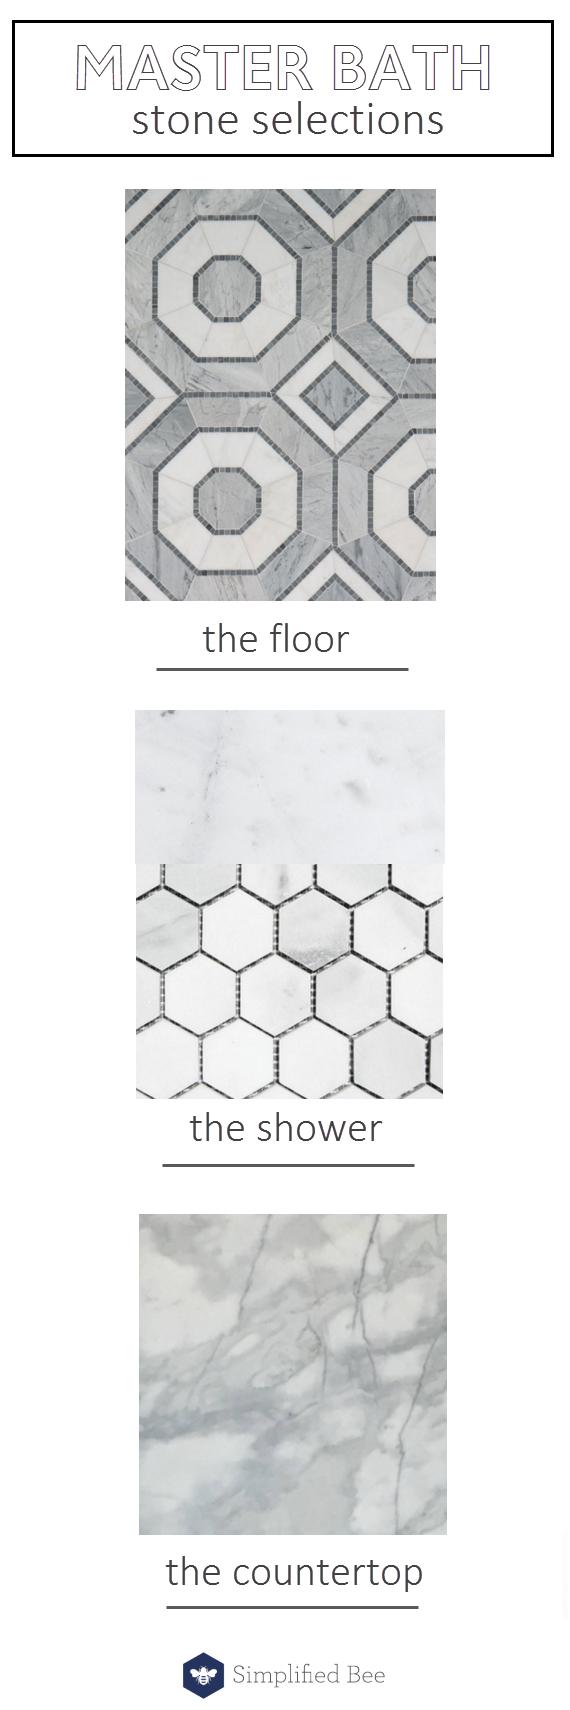 stone selections // master bath // @simplifiedbee #oneroomchallenge